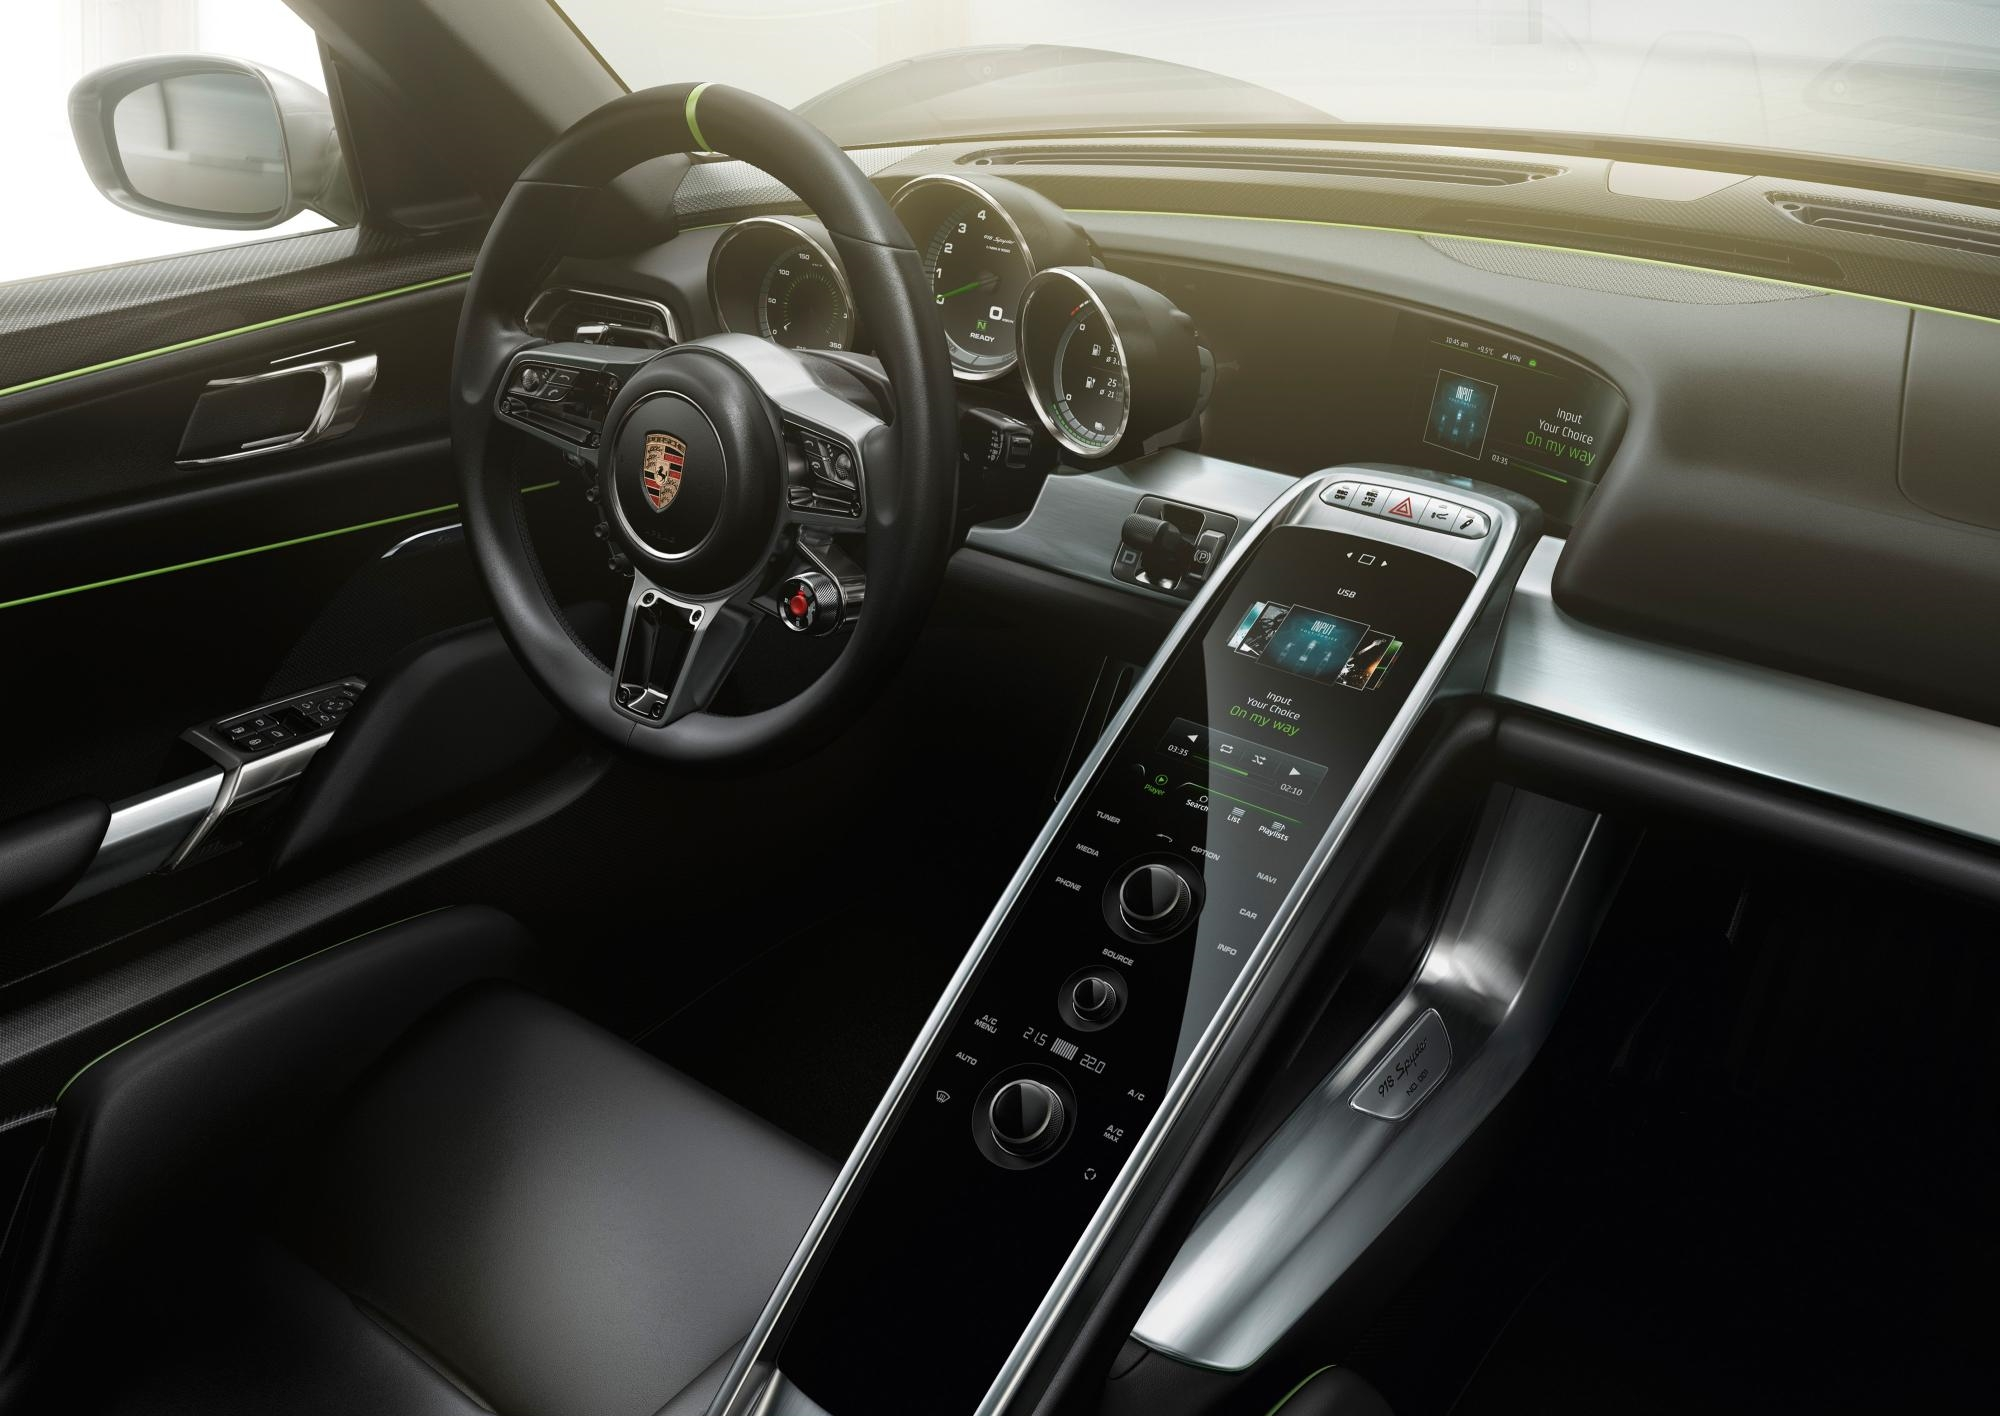 Porsche 918 Spyder Interior, Porsche 918 Spyder Stearing